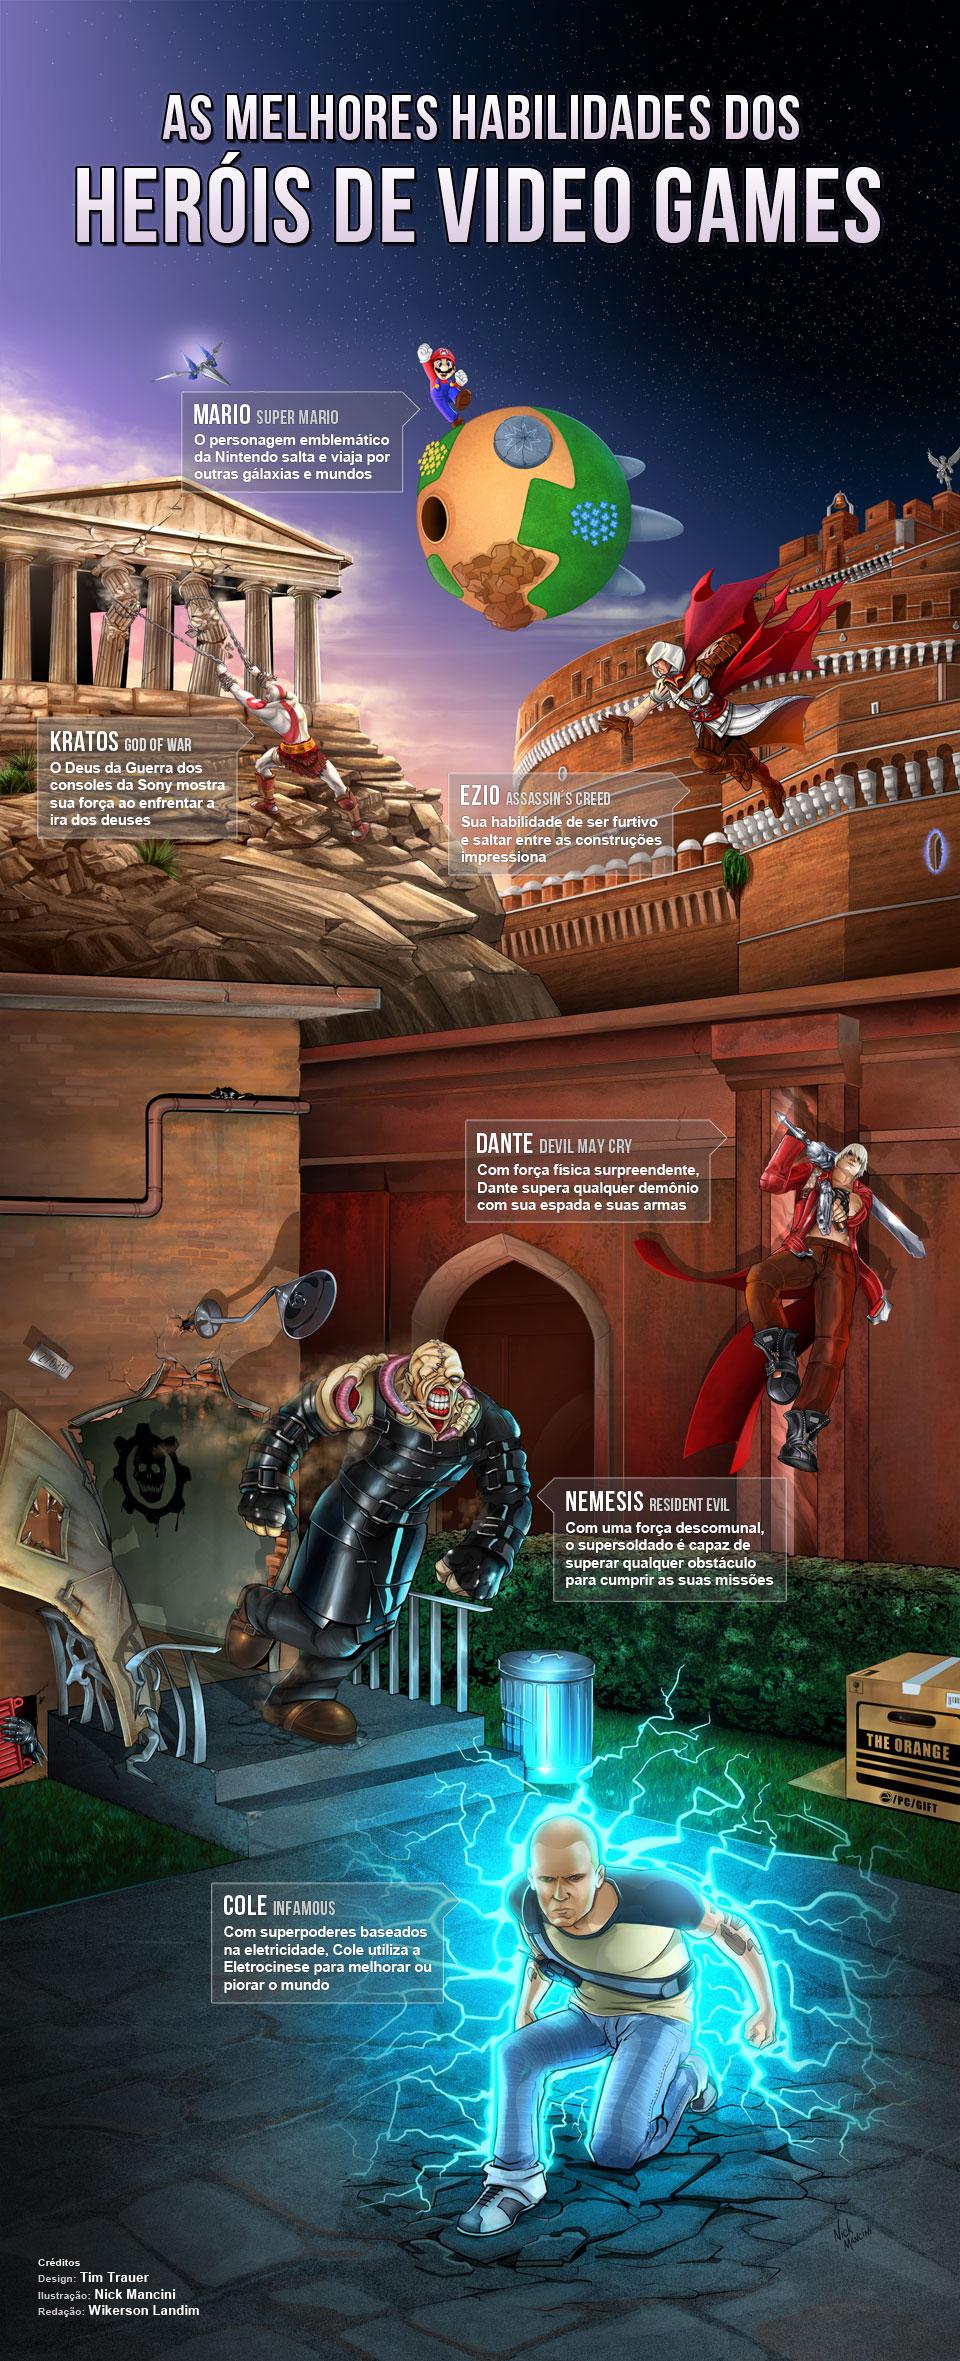 As melhores habilidades dos heróis de video games [infográfico]